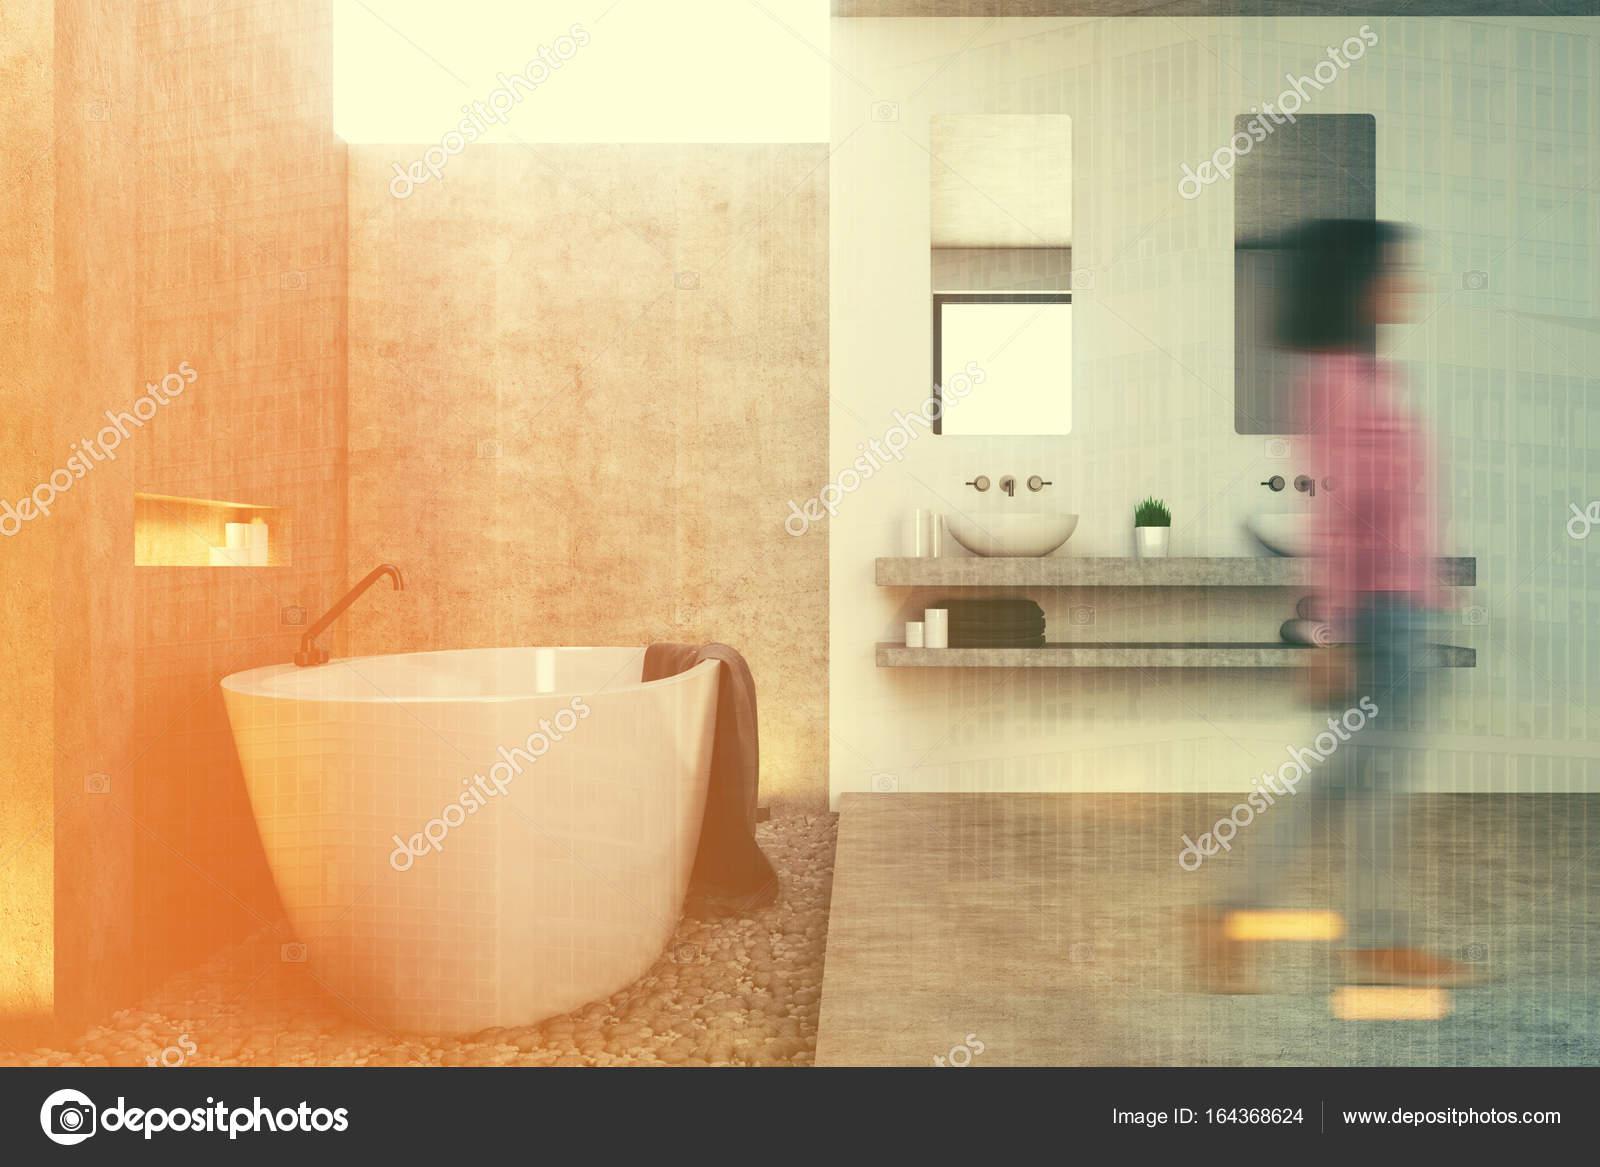 Lame Pvc Salle De Bain Avis ~ int rieur de la salle de bain gris c t jeune fille photographie